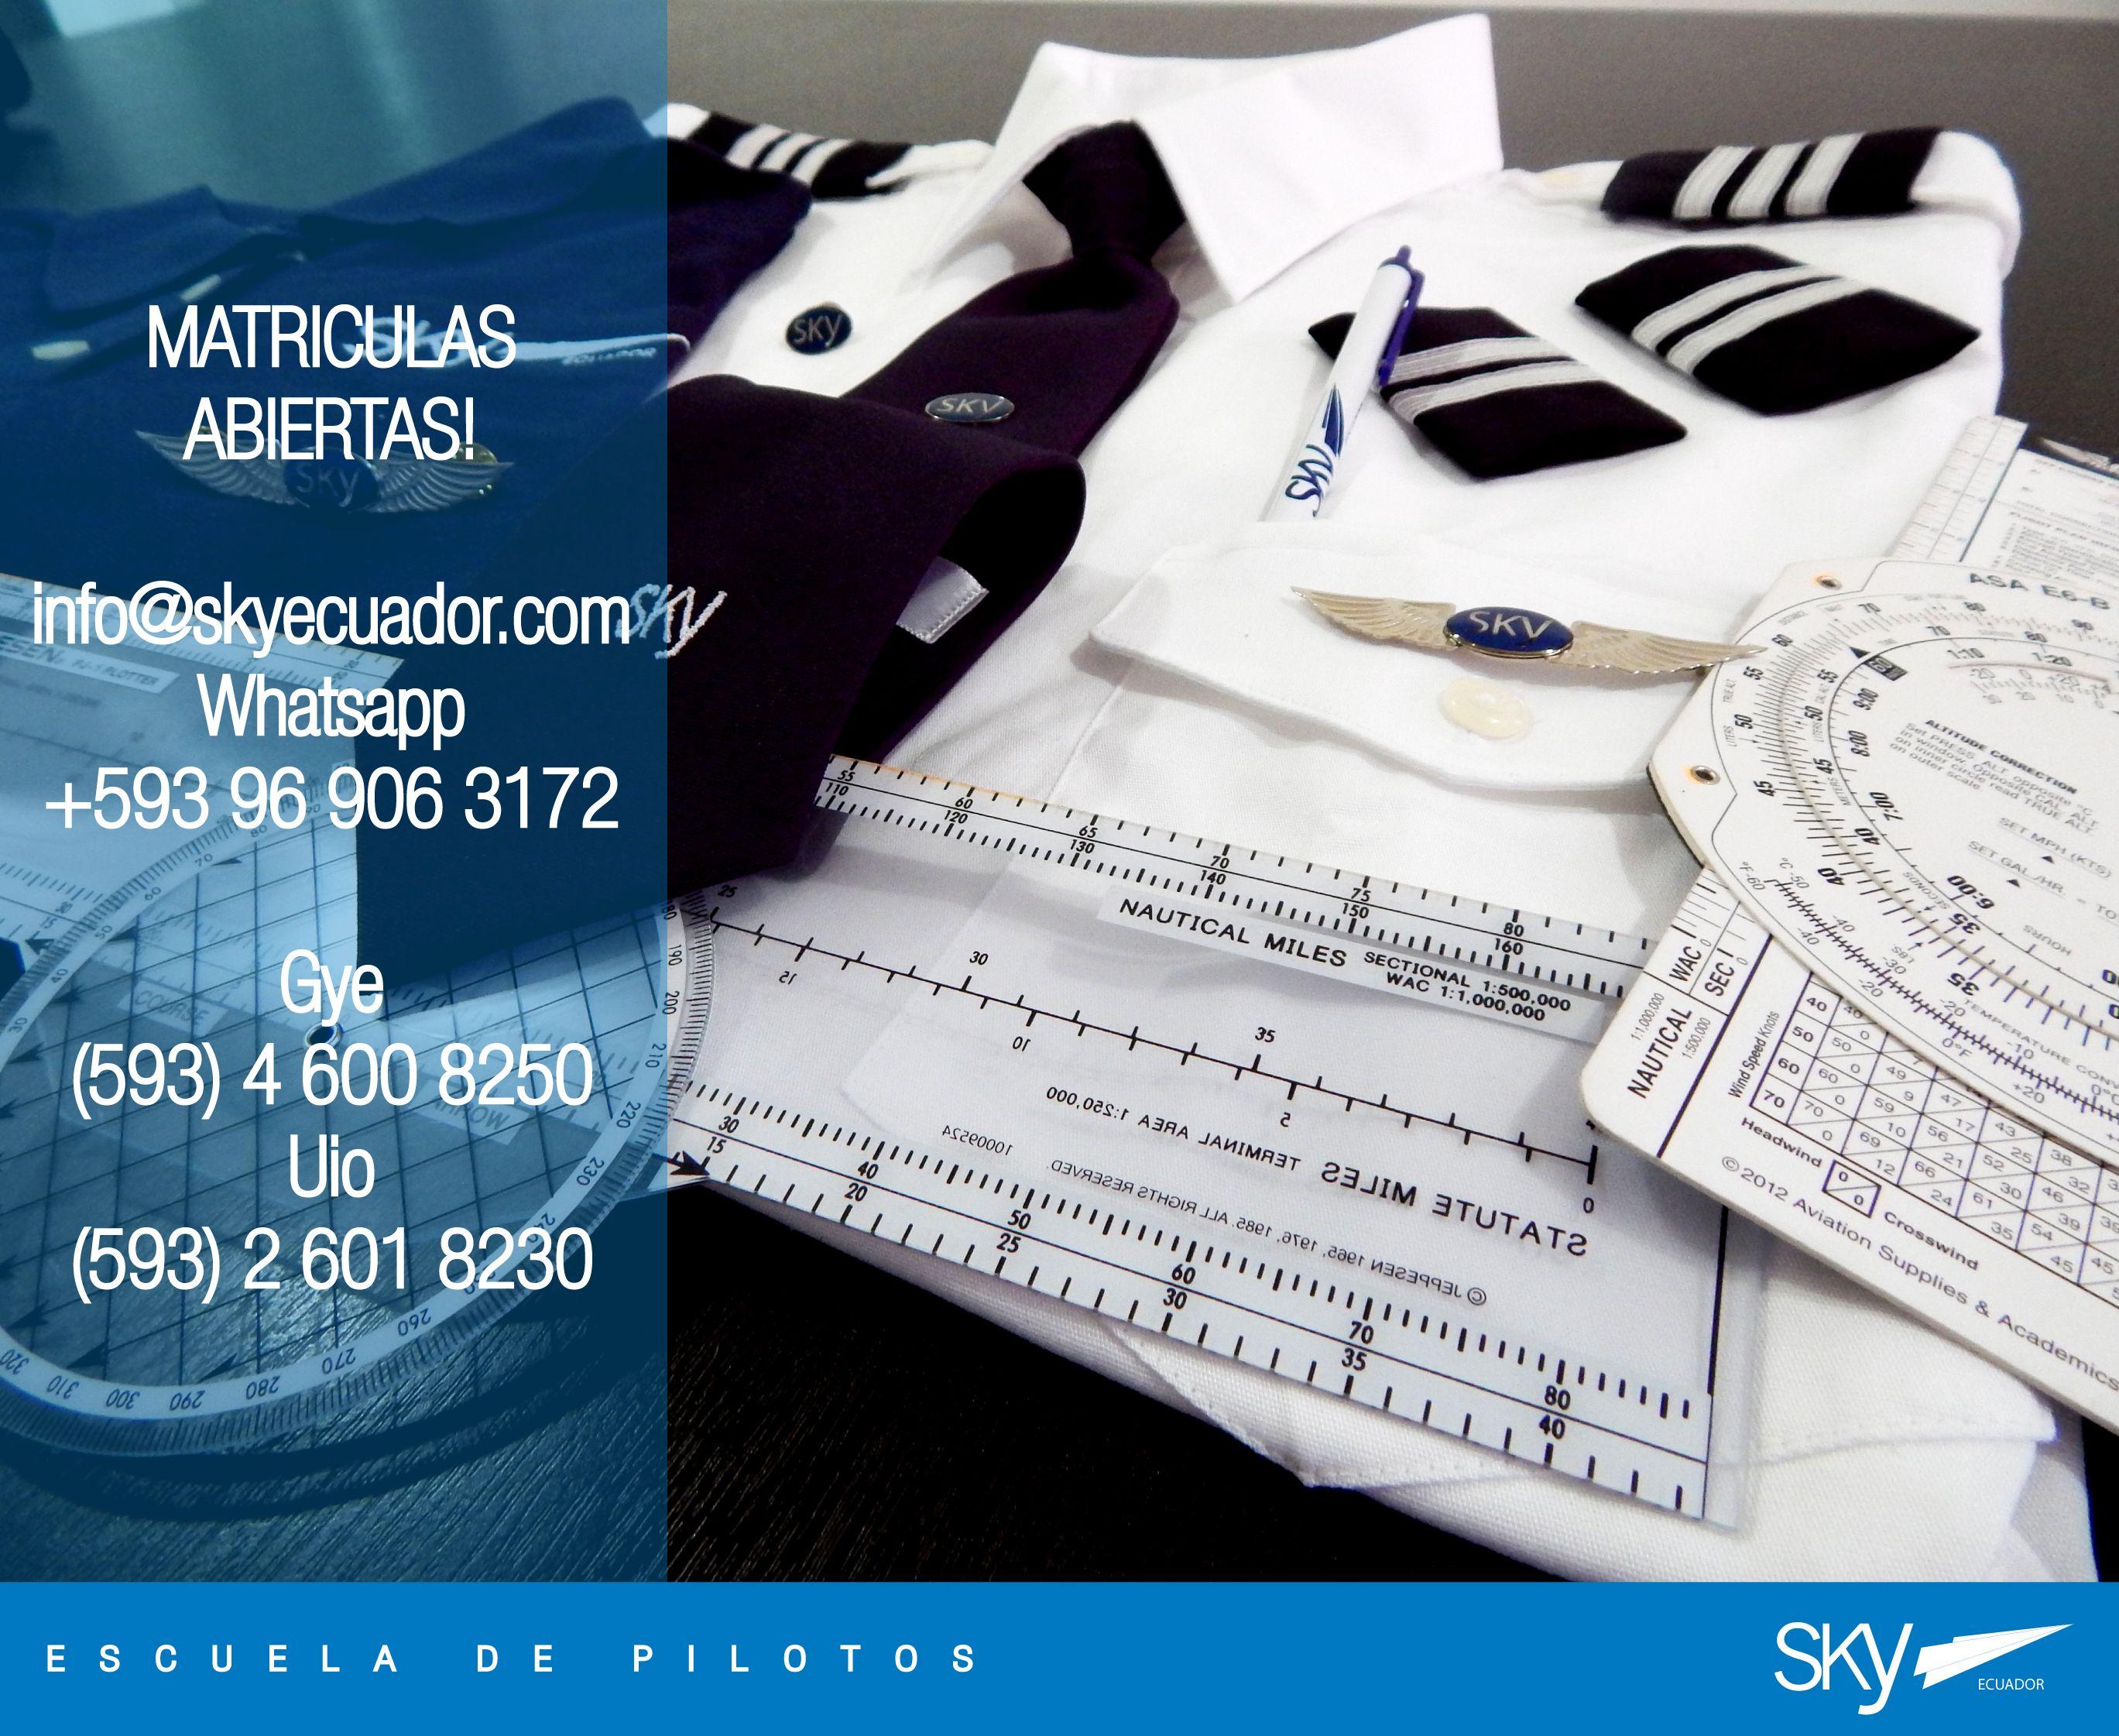 Muy buen #inicio de #semana para todos!  #lunes.  ! MATRÍCULAS ABIERTAS !   Fórmate como Piloto Comercial en #Ecuador !  Siguiente curso:  #Quito - NOVIEMBRE  #Guayaquil - OCTUBRE   Analiza nuestra experiencia, permisos, costos, nivel académico, flota, simuladores, facilidades, bases operativas, etc.  Para mayor información escríbenos a: info@skyecuador.com o mensajes WhatsApp 096 906 3172  Teléfonos:  02 601-8230 #Quito  04 600 8250 #Guayaquil   http://goo.gl/H7U4mN